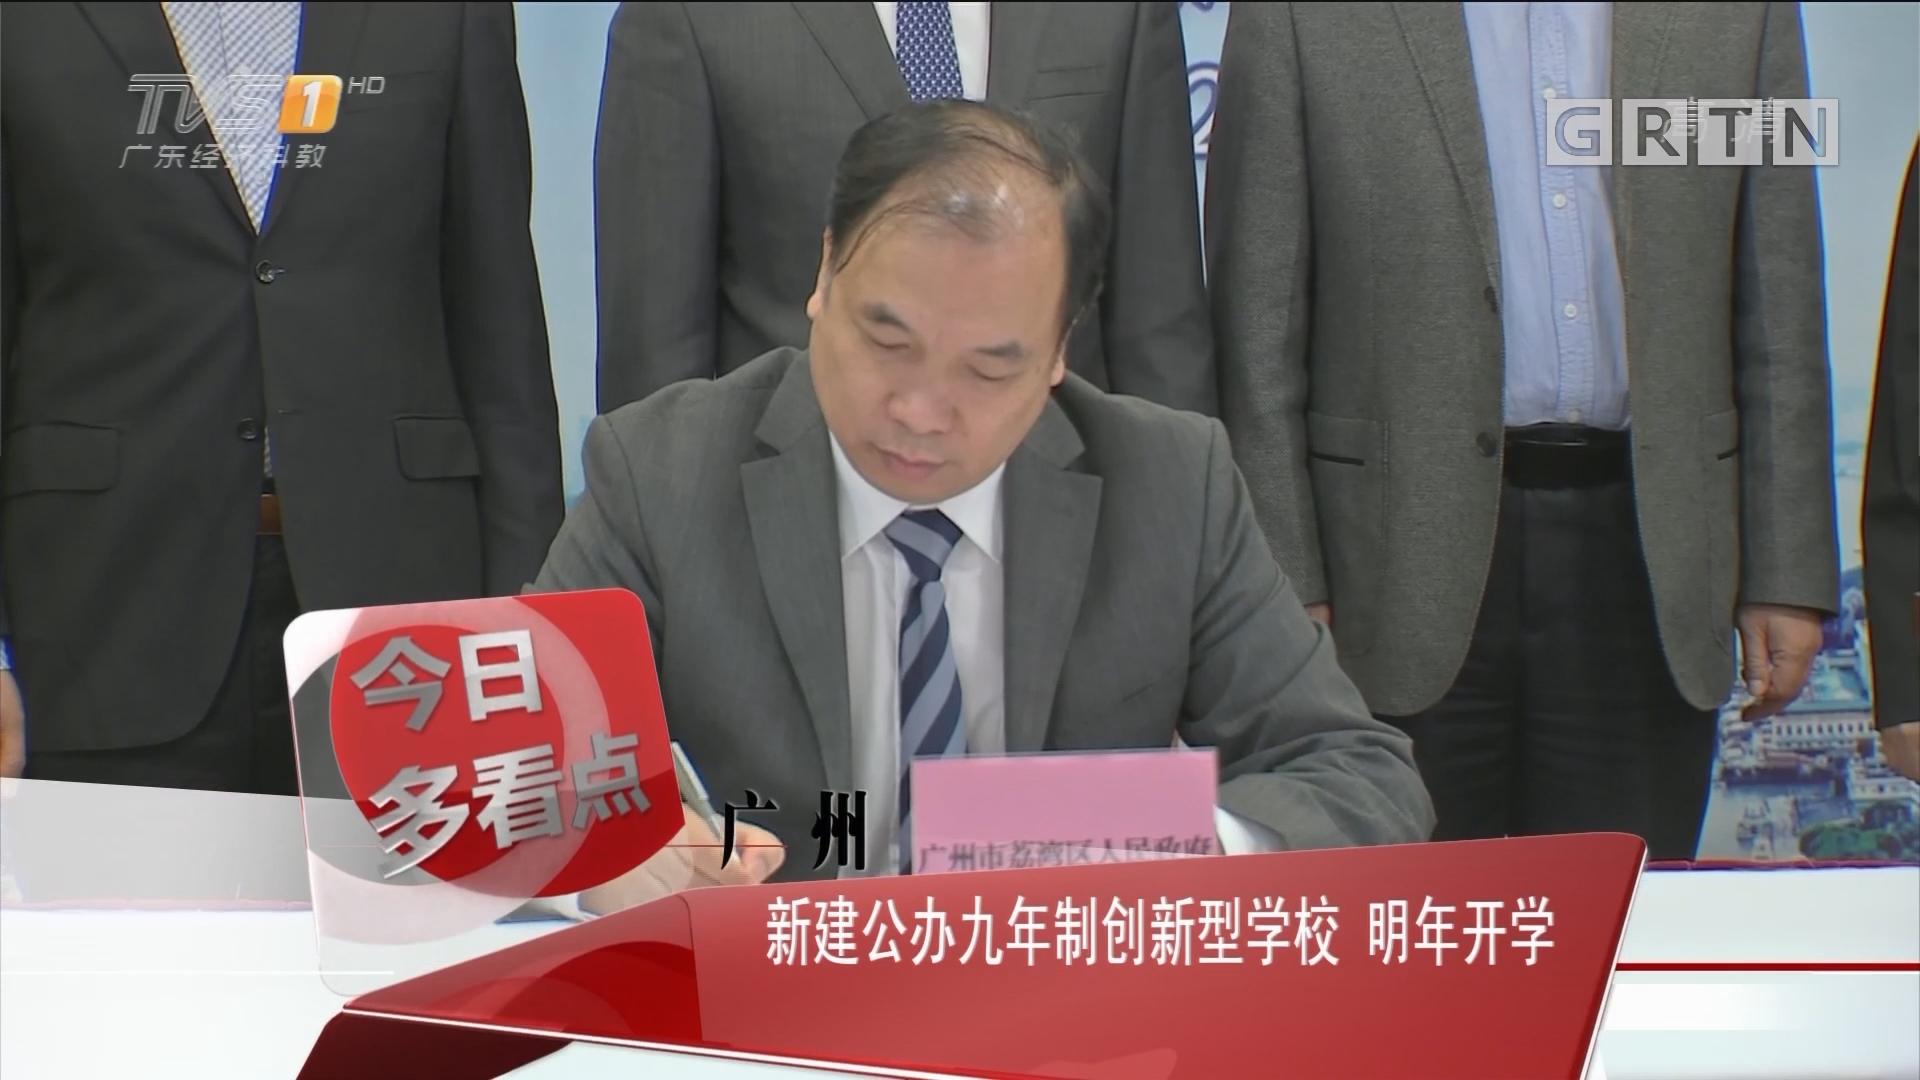 广州:新建公办九年制创新型学校 明年开学